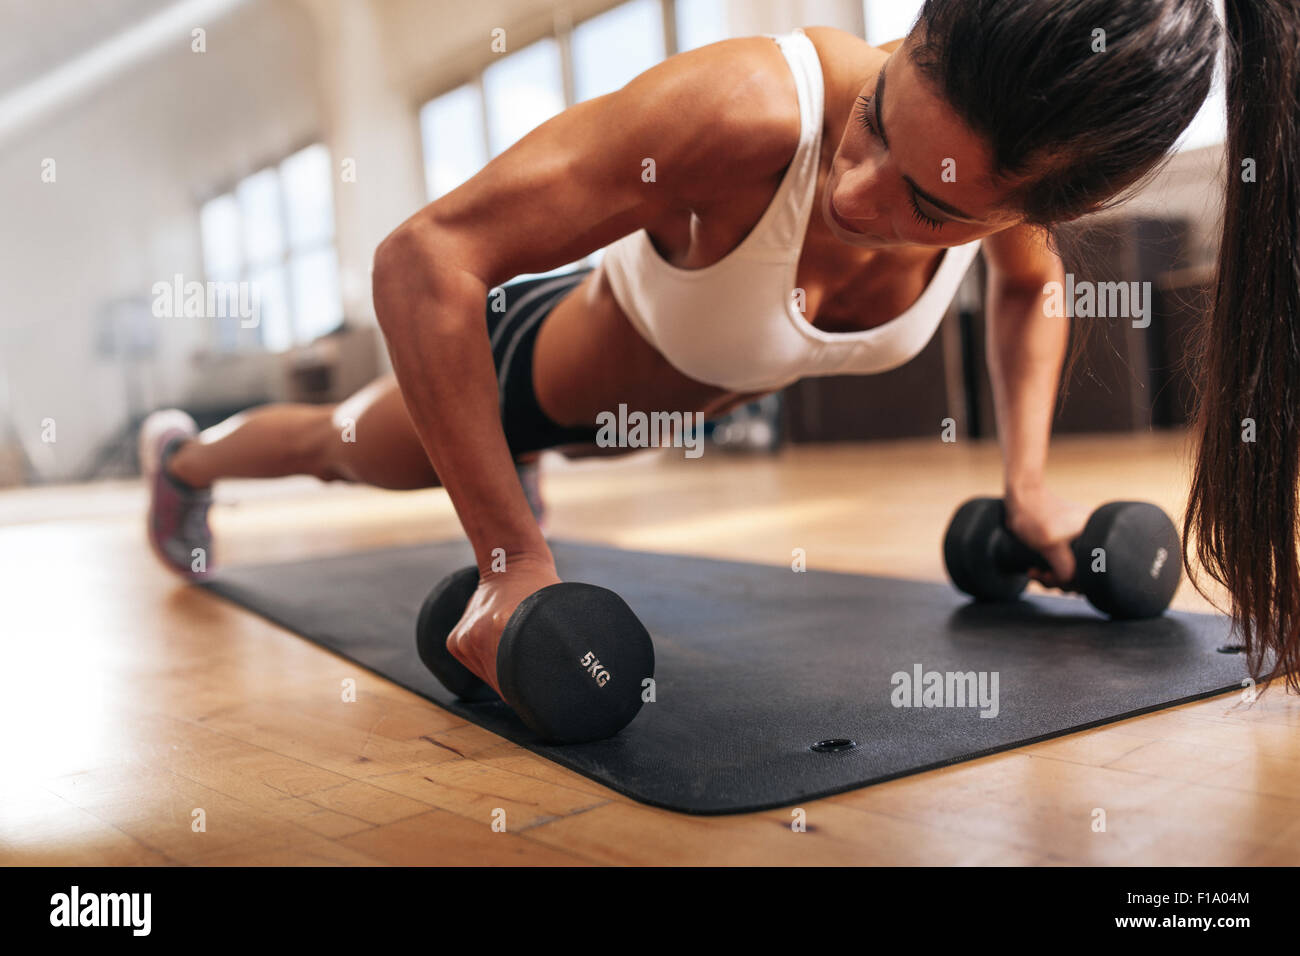 Gym woman doing push-up exercice avec haltère. Des femmes faisant l'entraînement Crossfit. Photo Stock